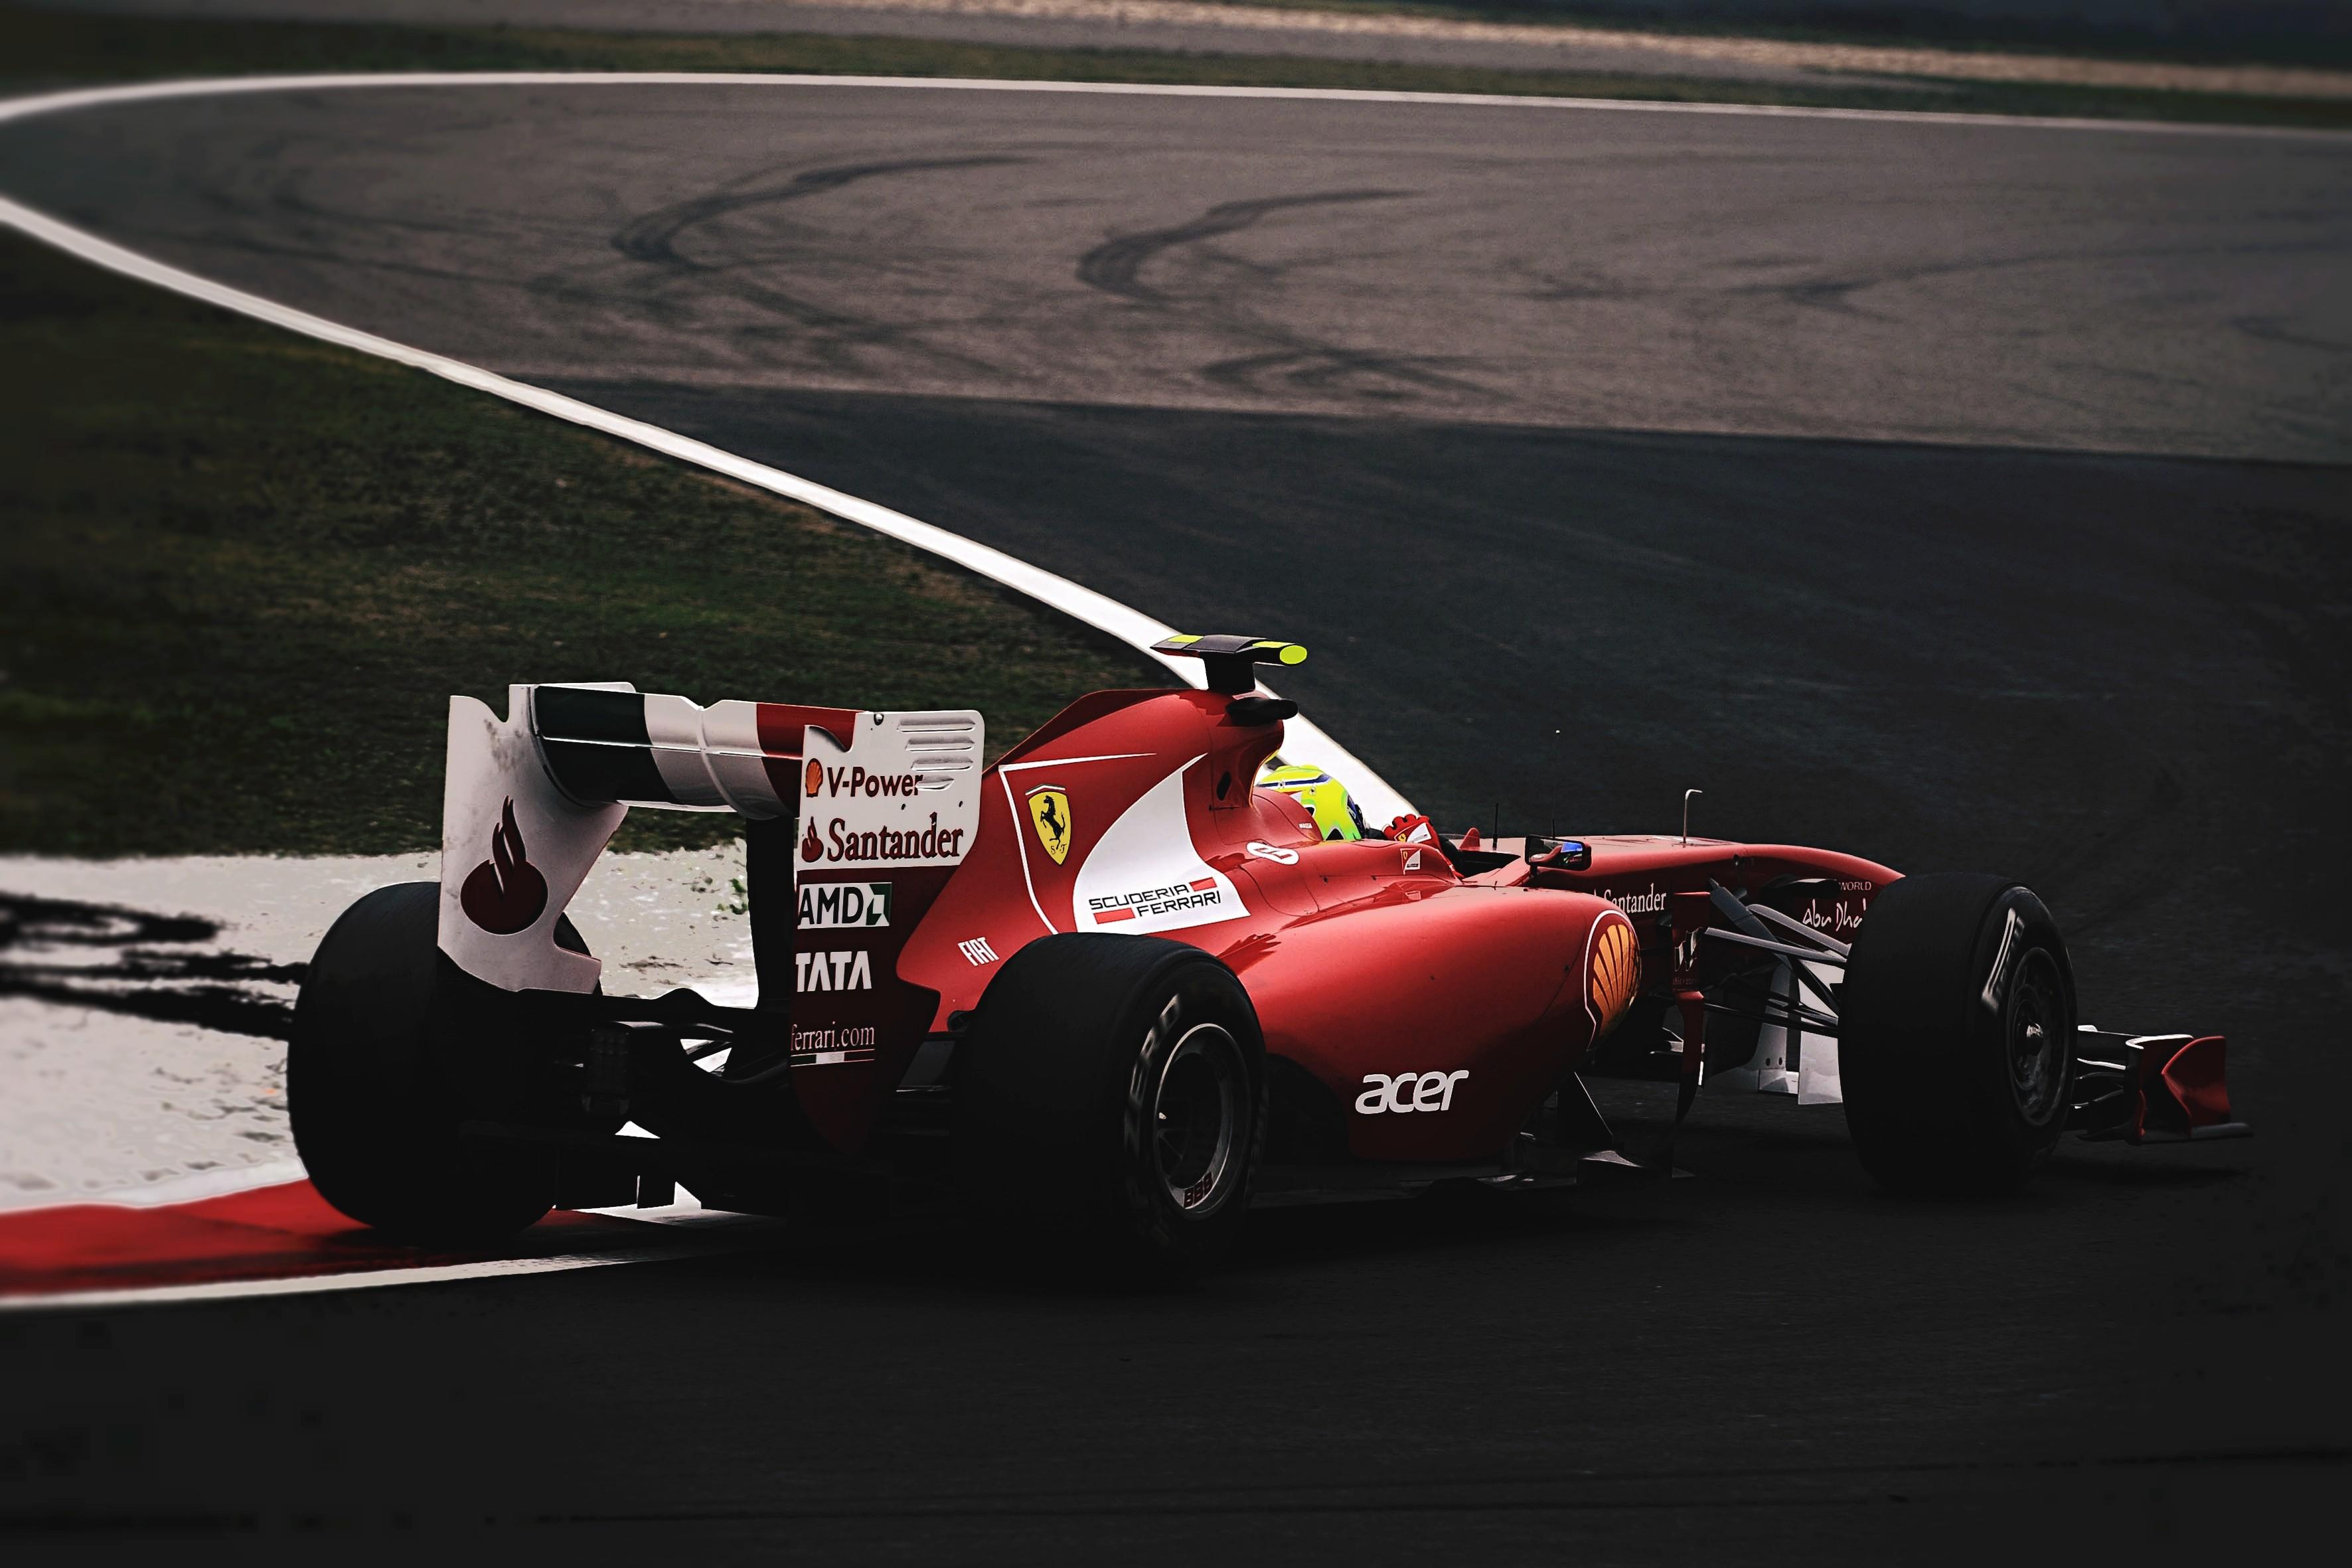 Wallpaper 3543x2362 Px Felipe Massa Ferrari Formula 1